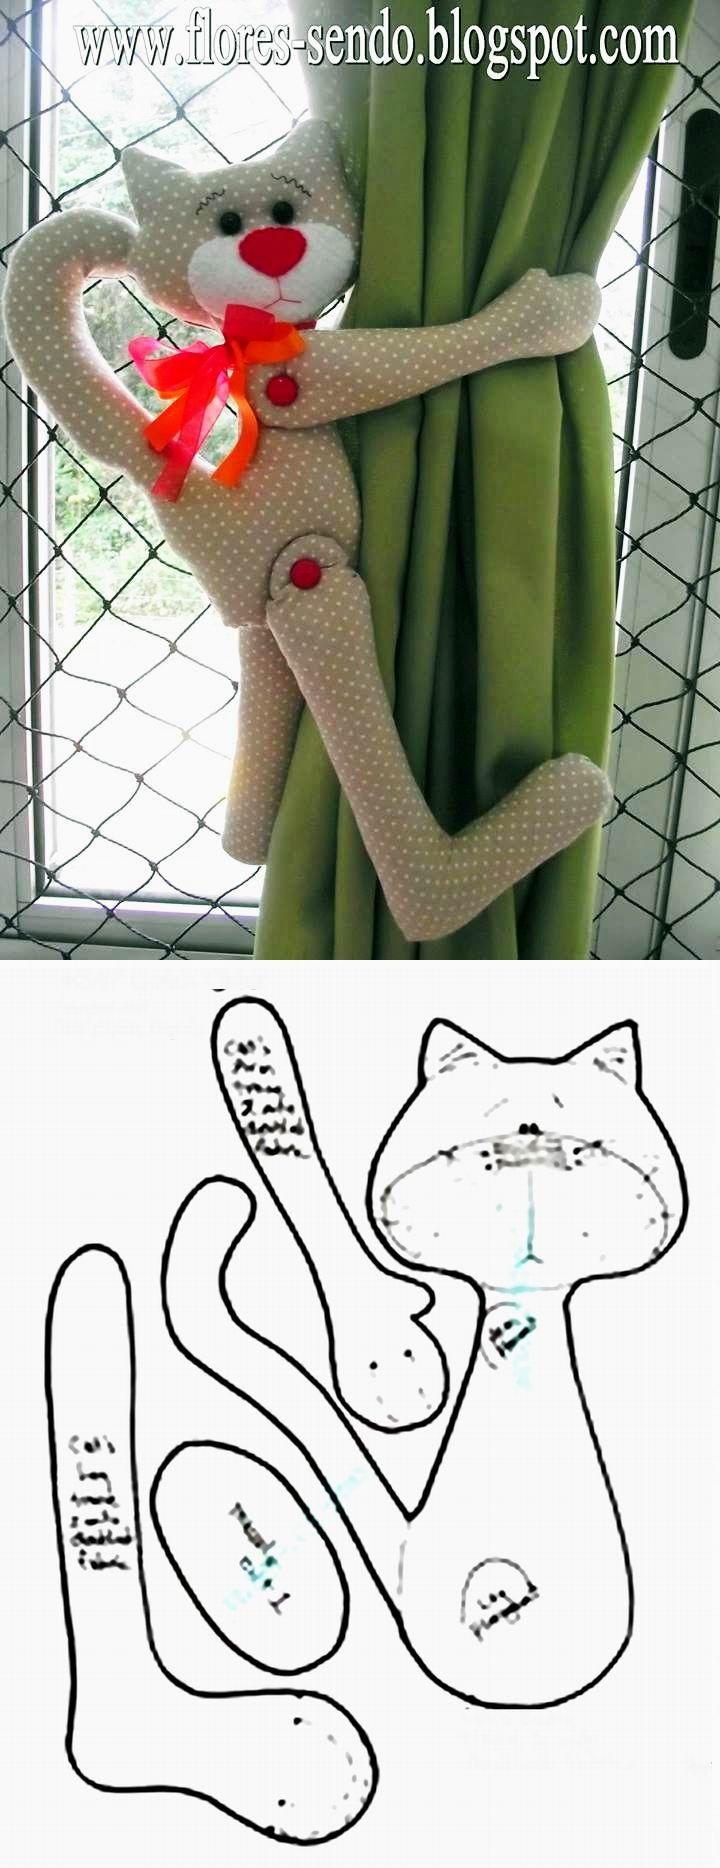 Vorhanghalter Katze - gefunden auf www.modaeacessorios-feltromara.blogspot.ch